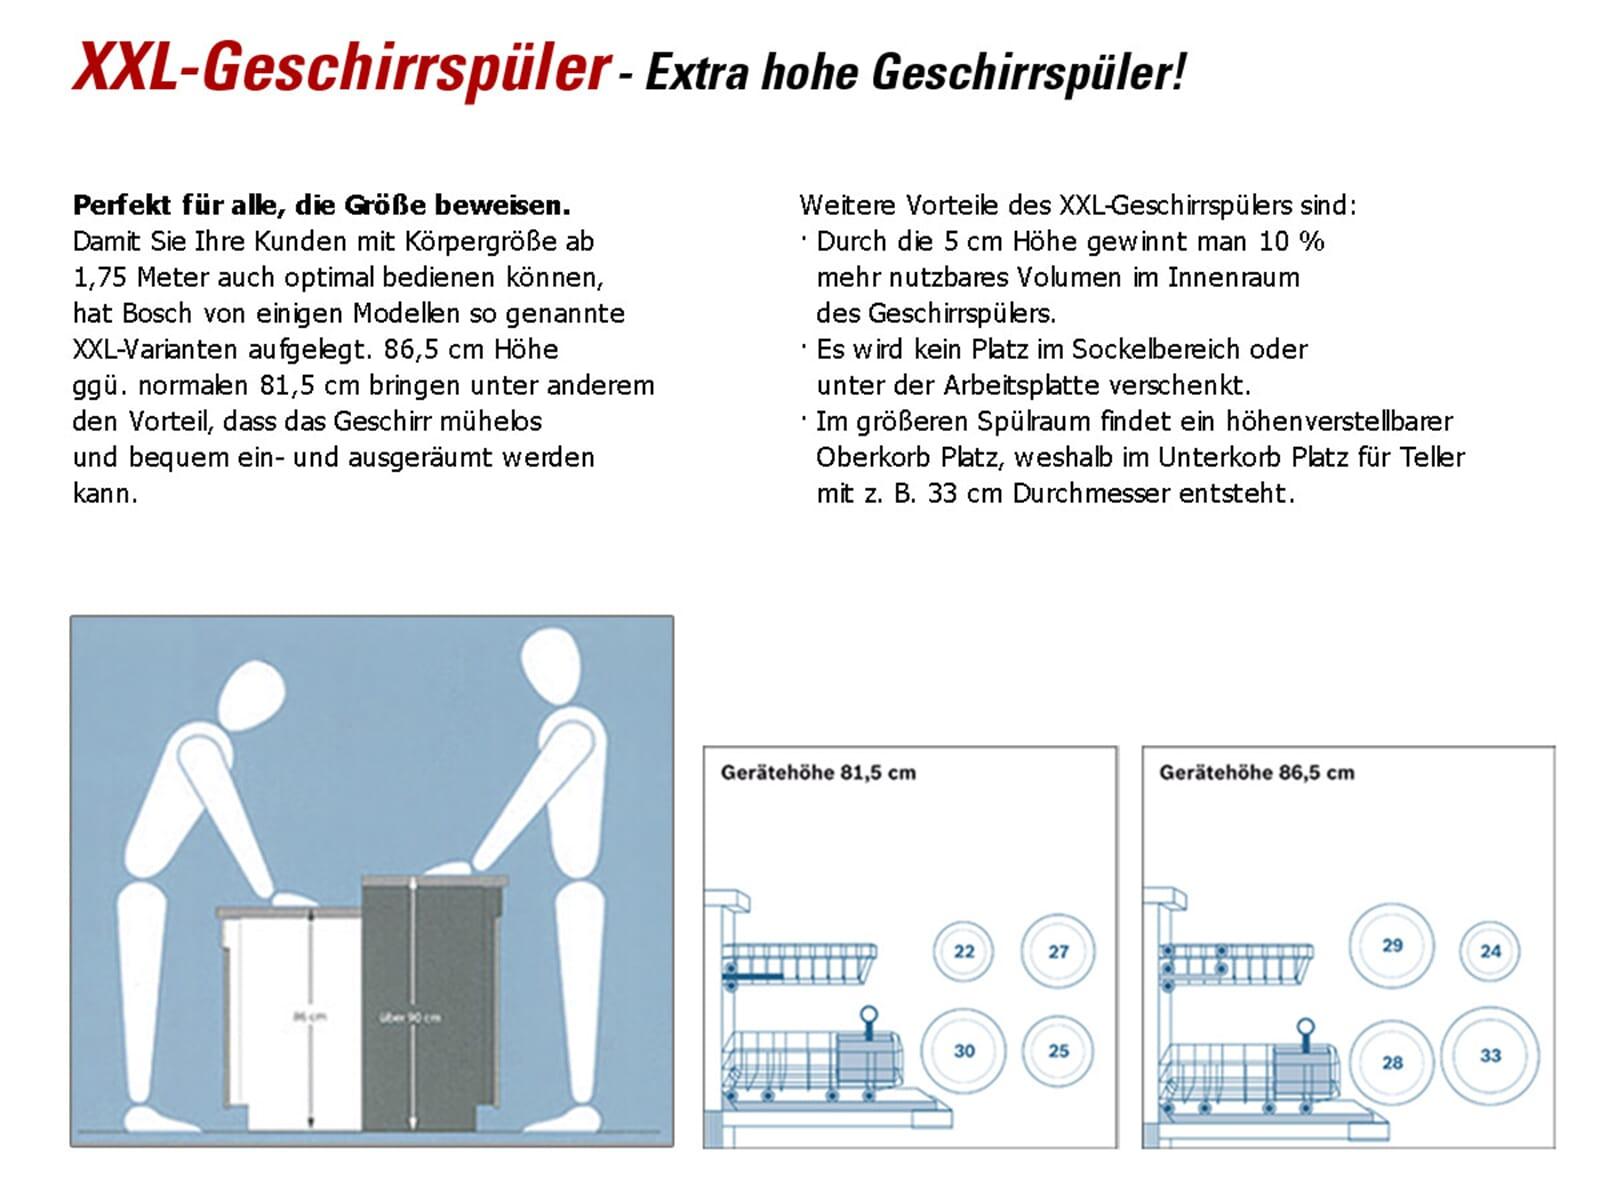 Bosch SBE46MX02E Vollintegrierbarer Einbaugeschirrspüler XXL